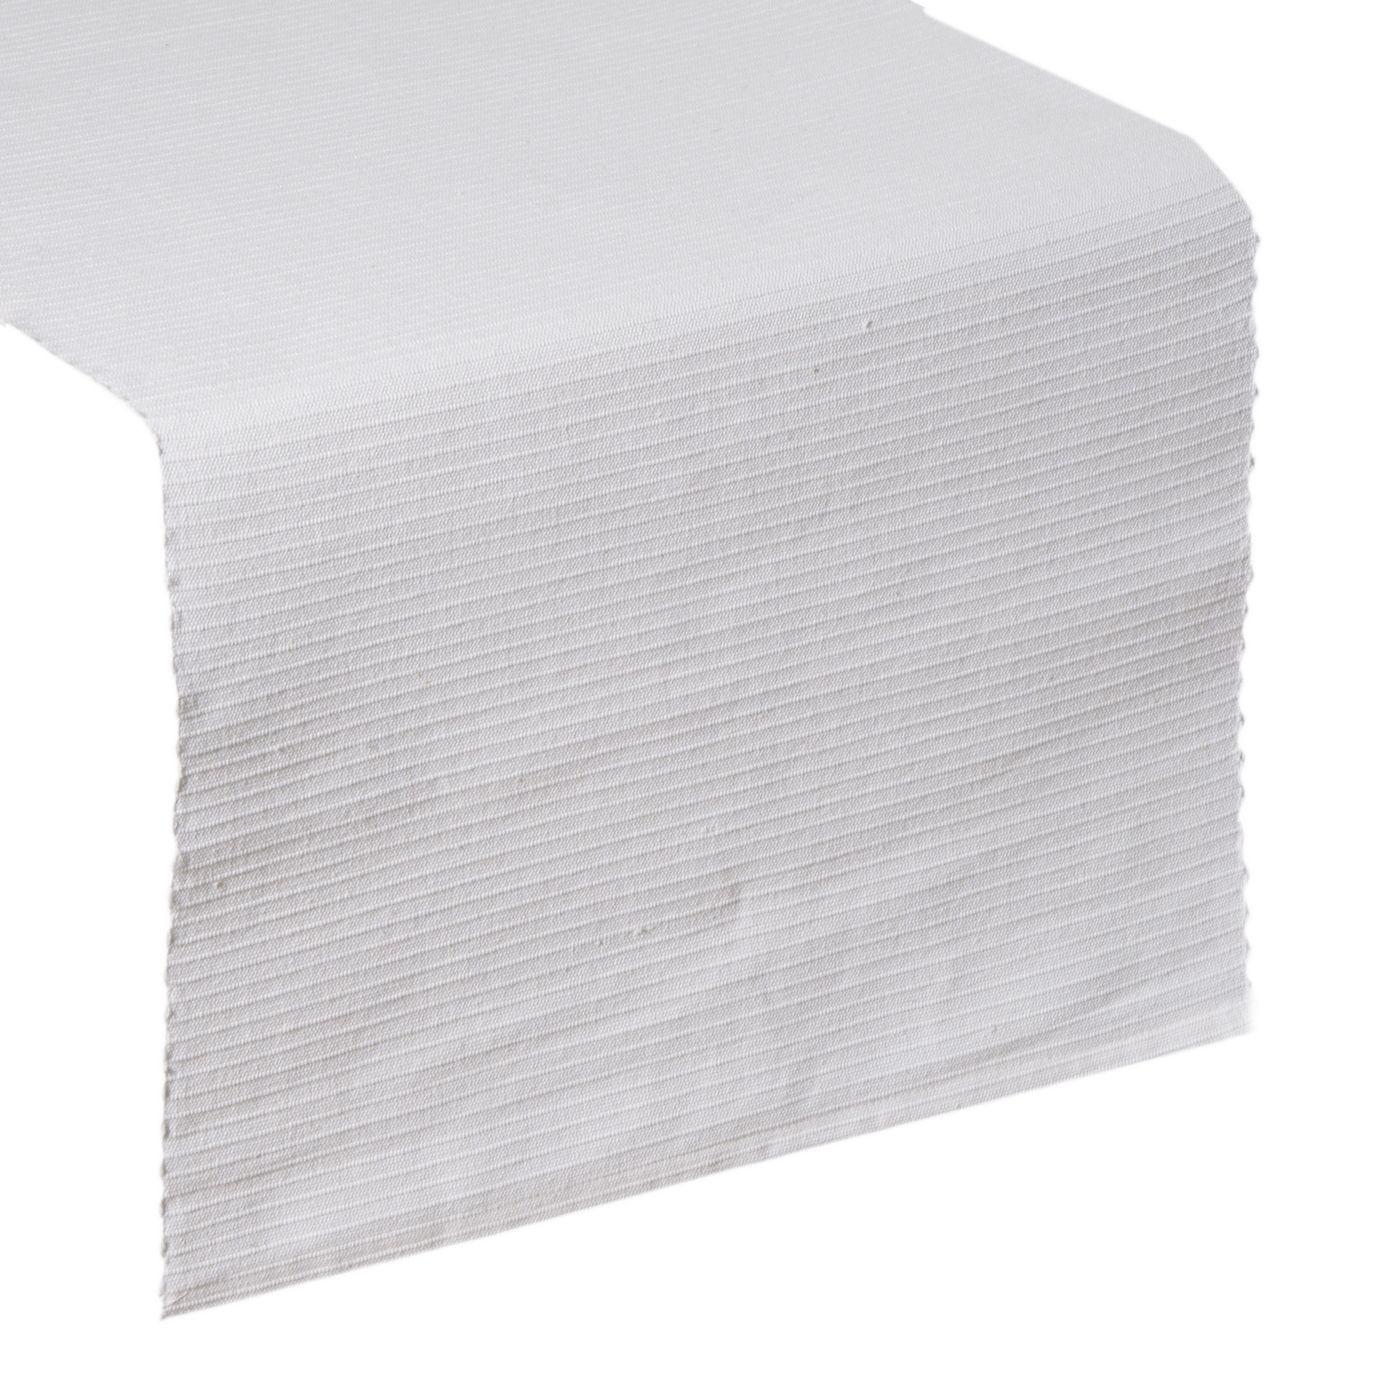 Biały bieżnik na stół strukturalny w paski bawełniany 40x140